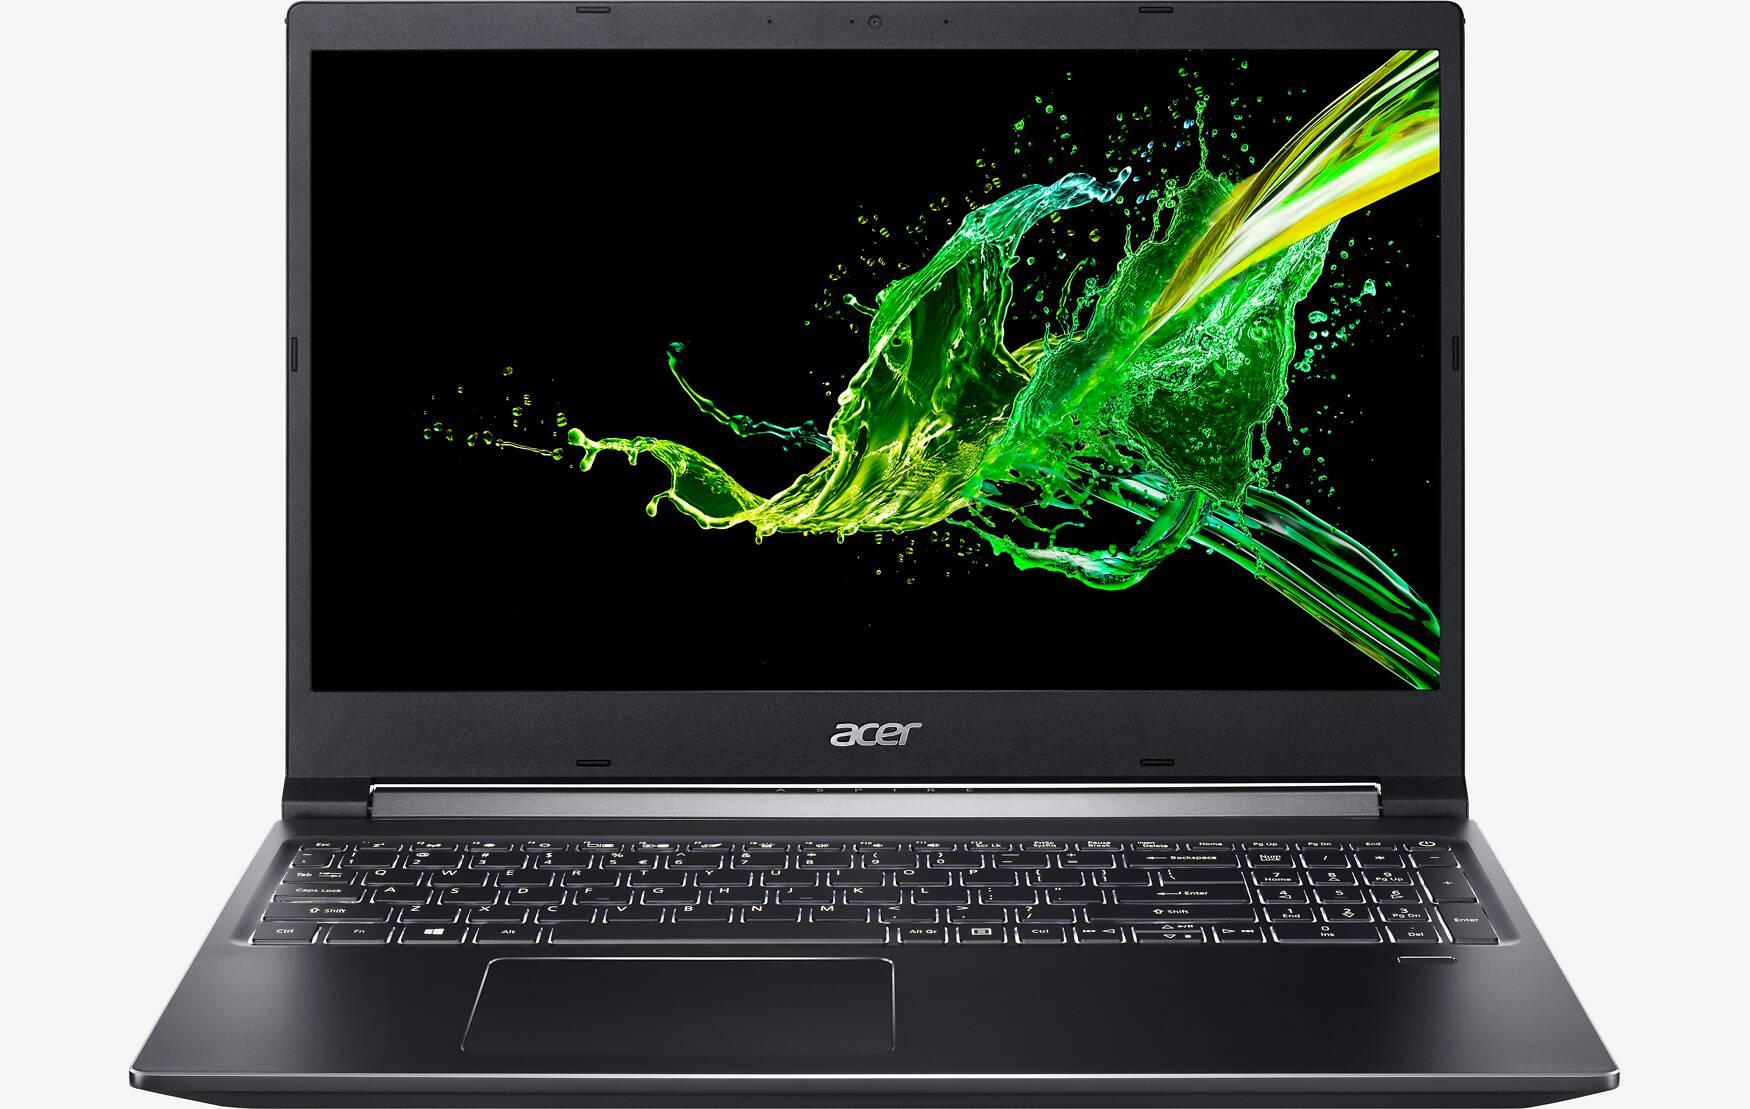 Acer Aspire 7 A717-72G-534E